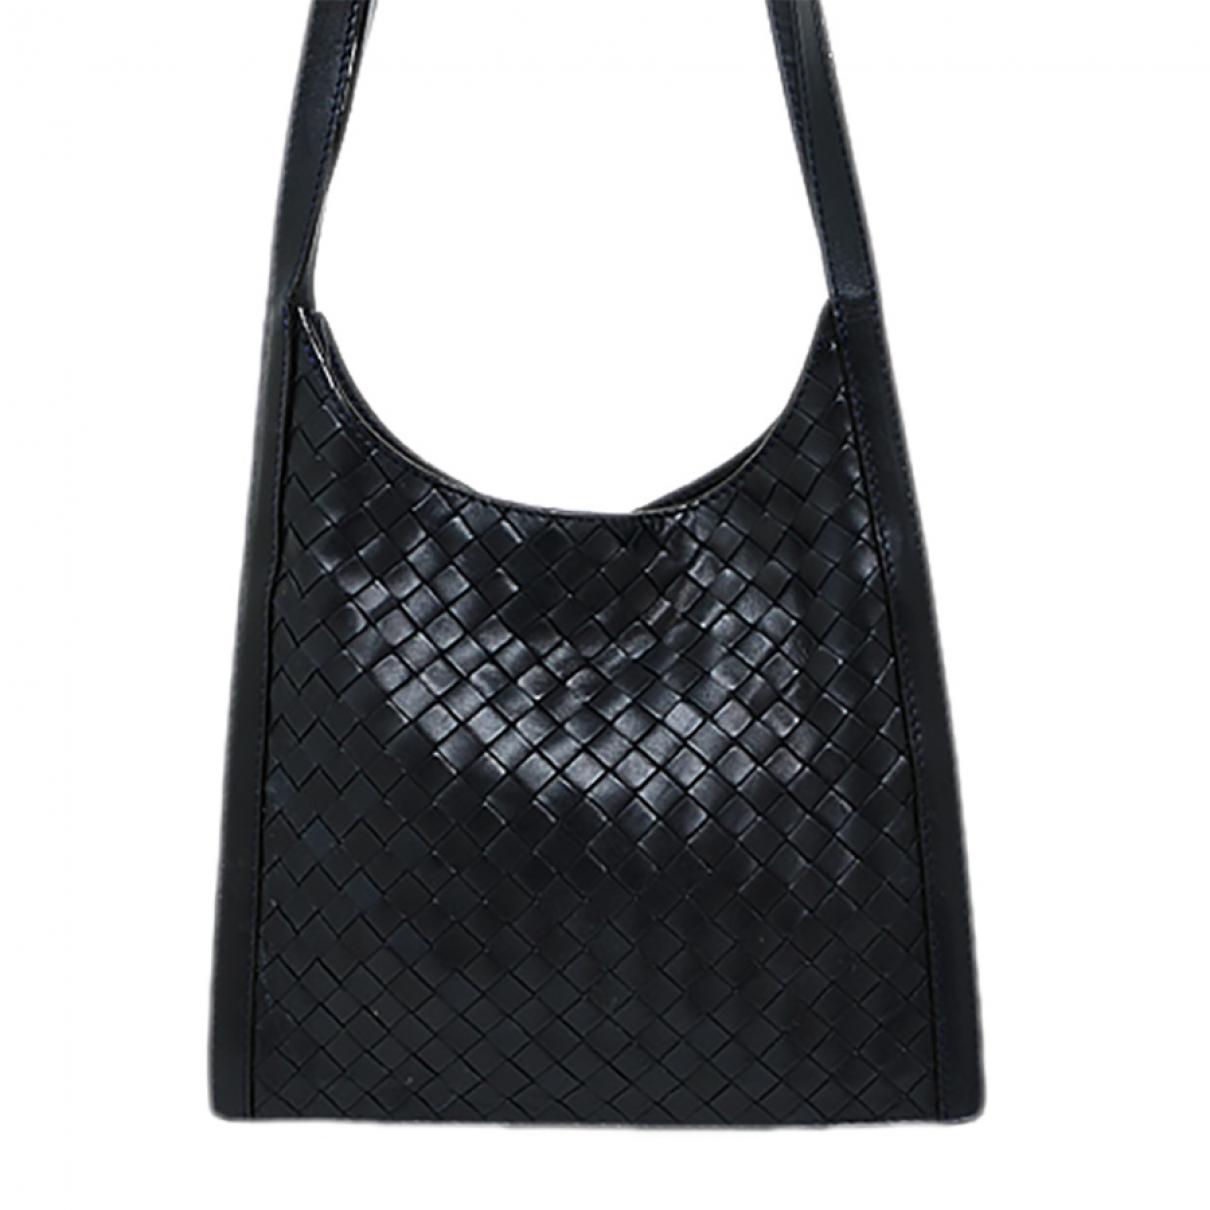 Bottega Veneta \N Navy Leather handbag for Women \N